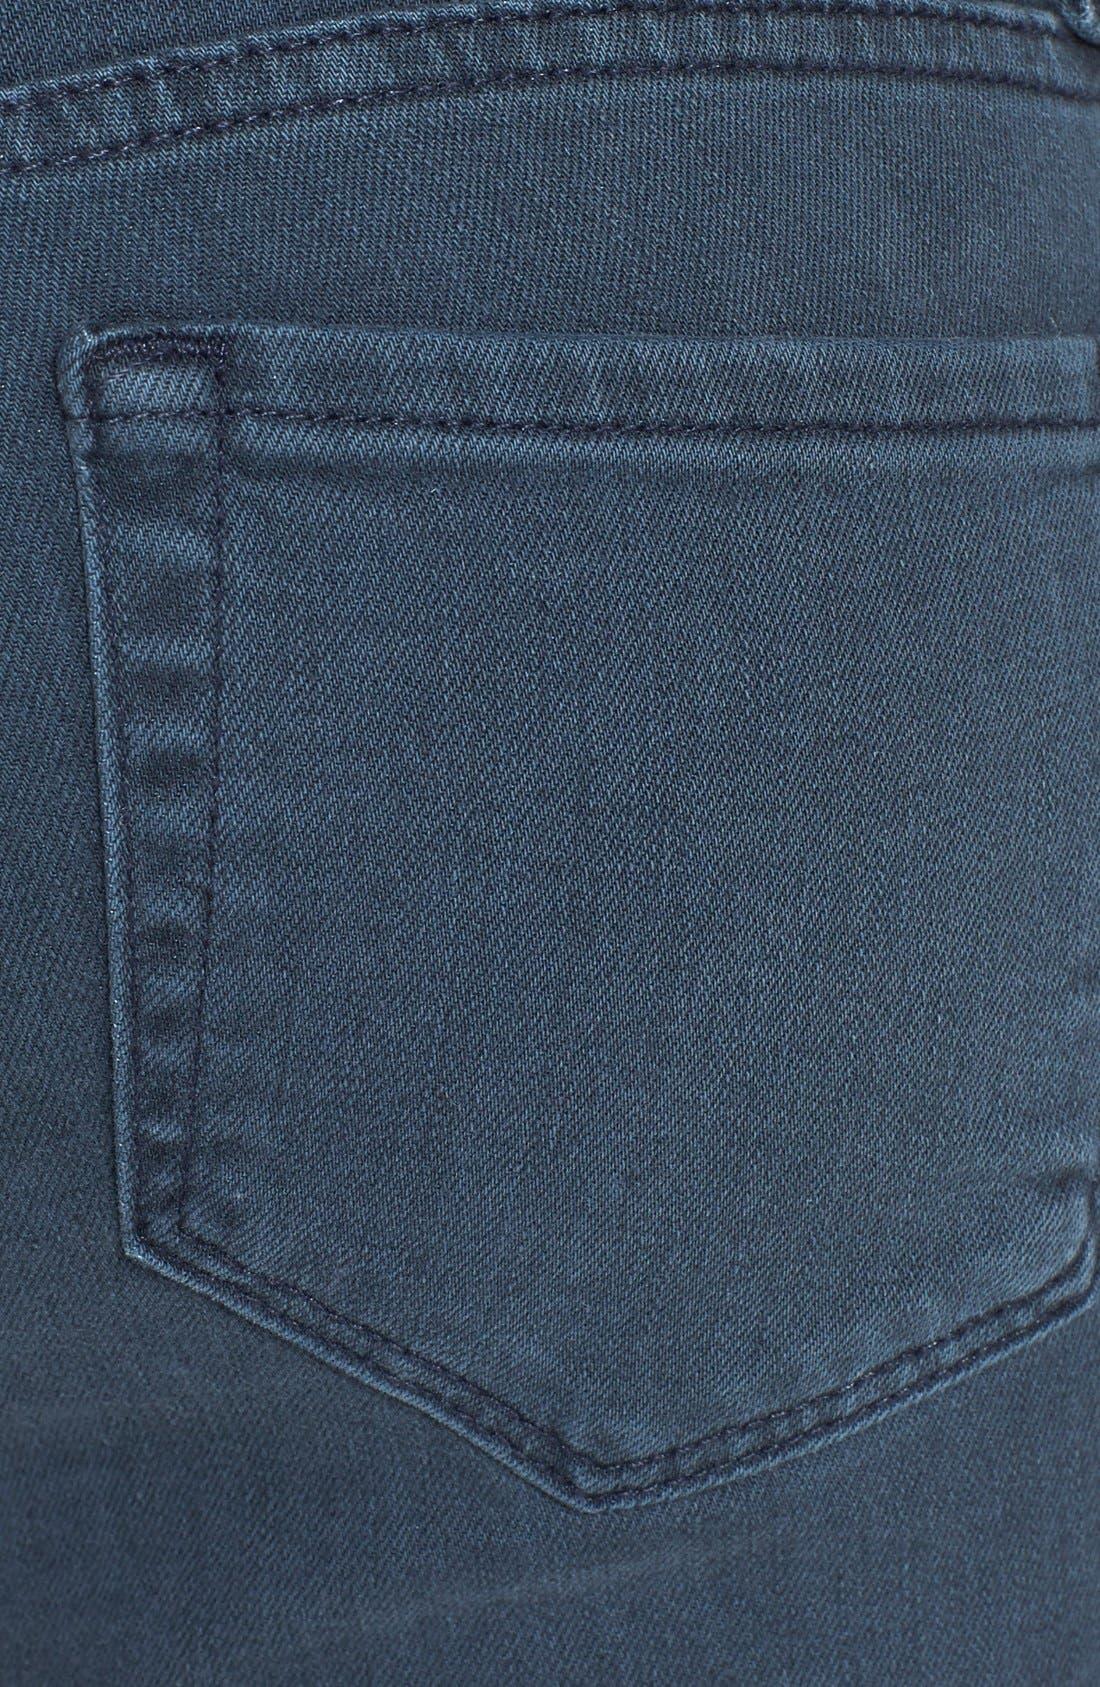 Alternate Image 3  - Velvet by Graham & Spencer Low Rise Skinny Jeans (Petrol)